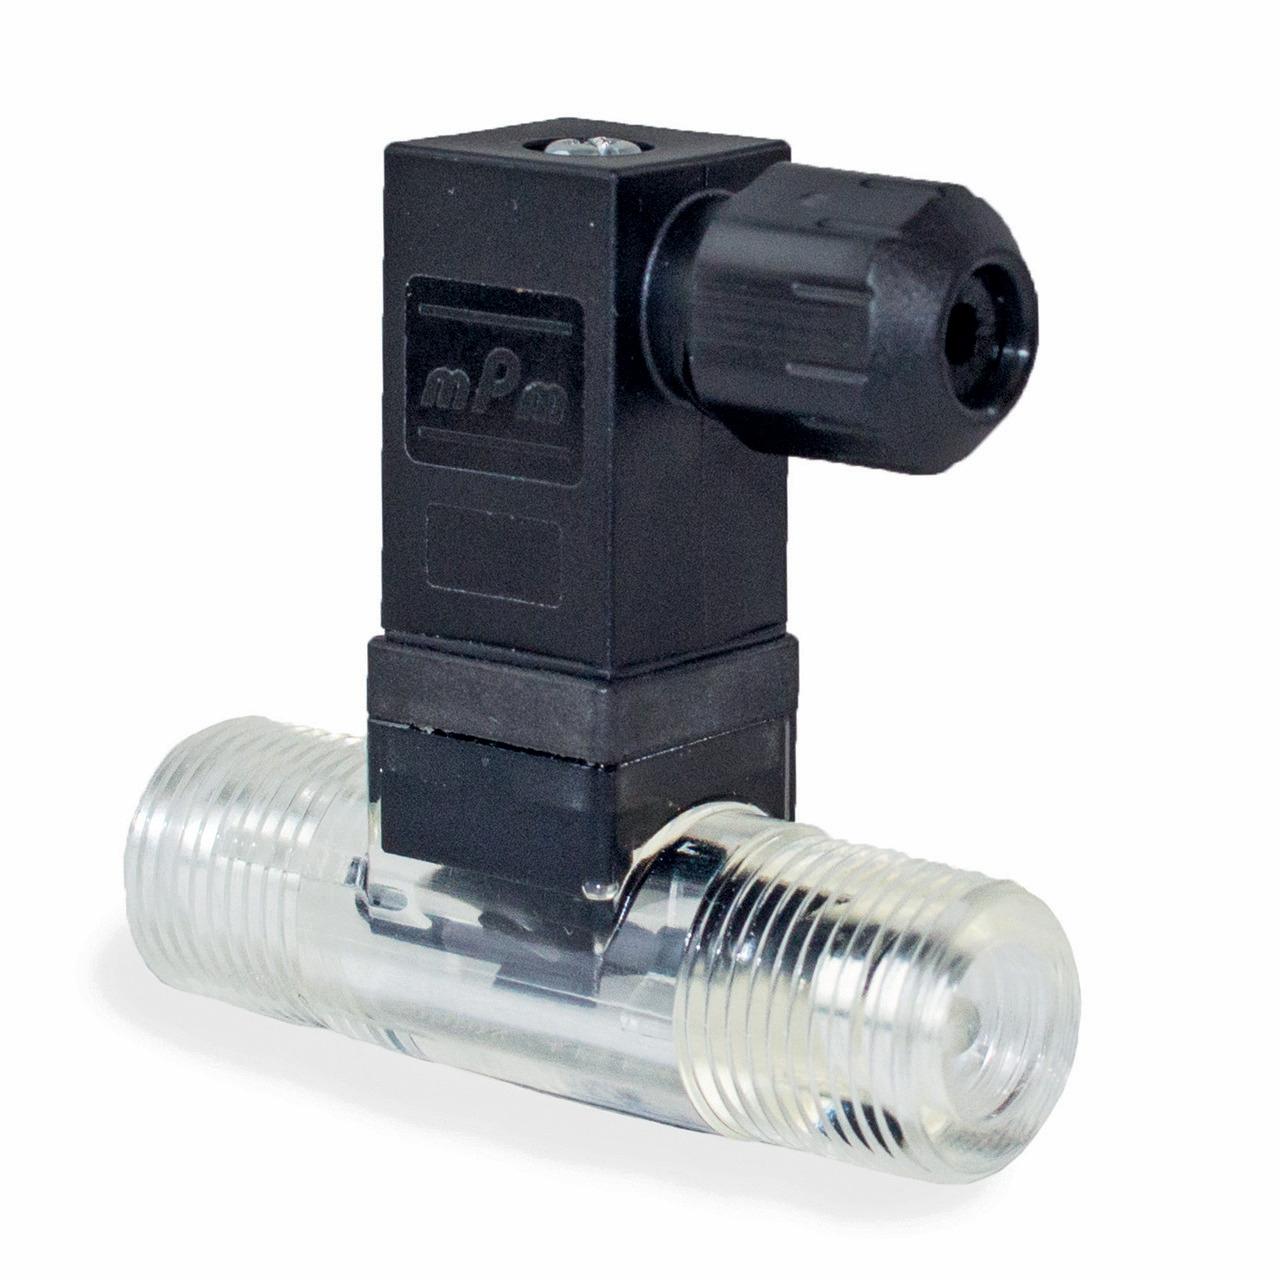 Badger Meter Europa Durchflussmesser (Turbinenzähler) Vision 2008 4F22 für 1 bis 25 l-min- mit DIN Stecker- mit Spule- G3-8